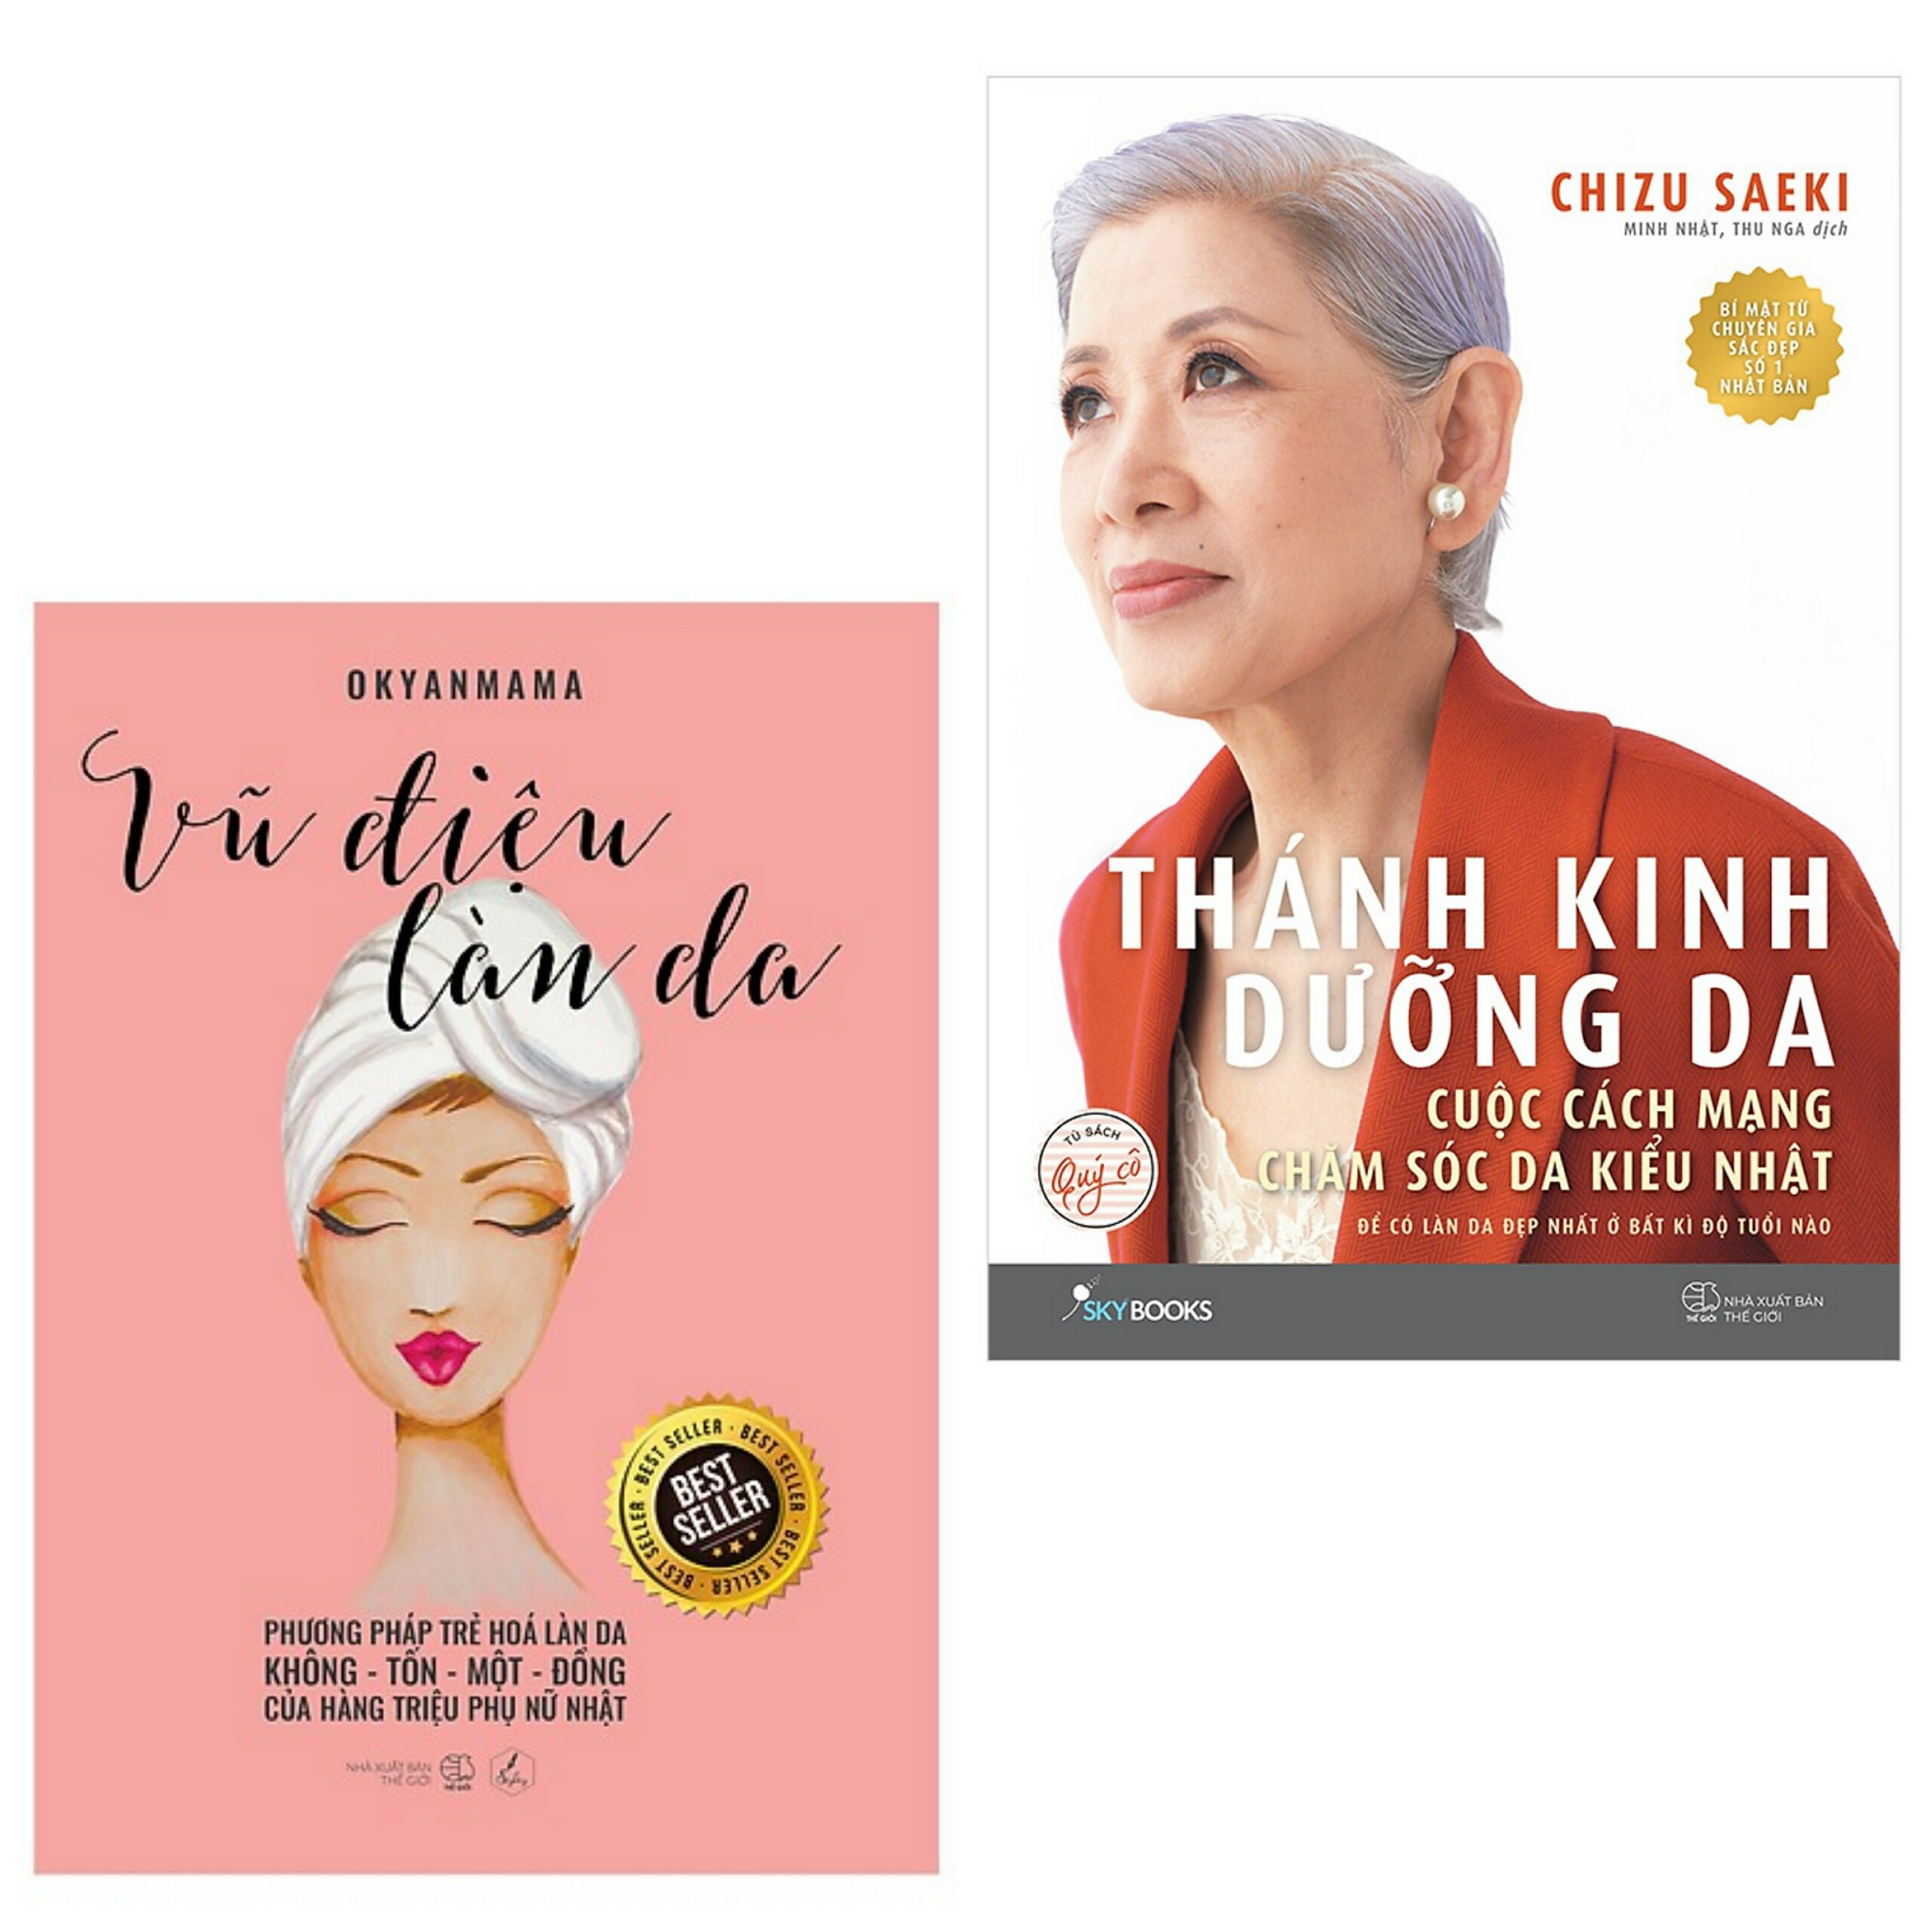 Combo sách làm đẹp hay : Vũ điệu làn da + Thánh kinh dưỡng da - cuộc cách mạng chăm sóc da kiểu Nhật - Tặng kèm bookmark GreenLife